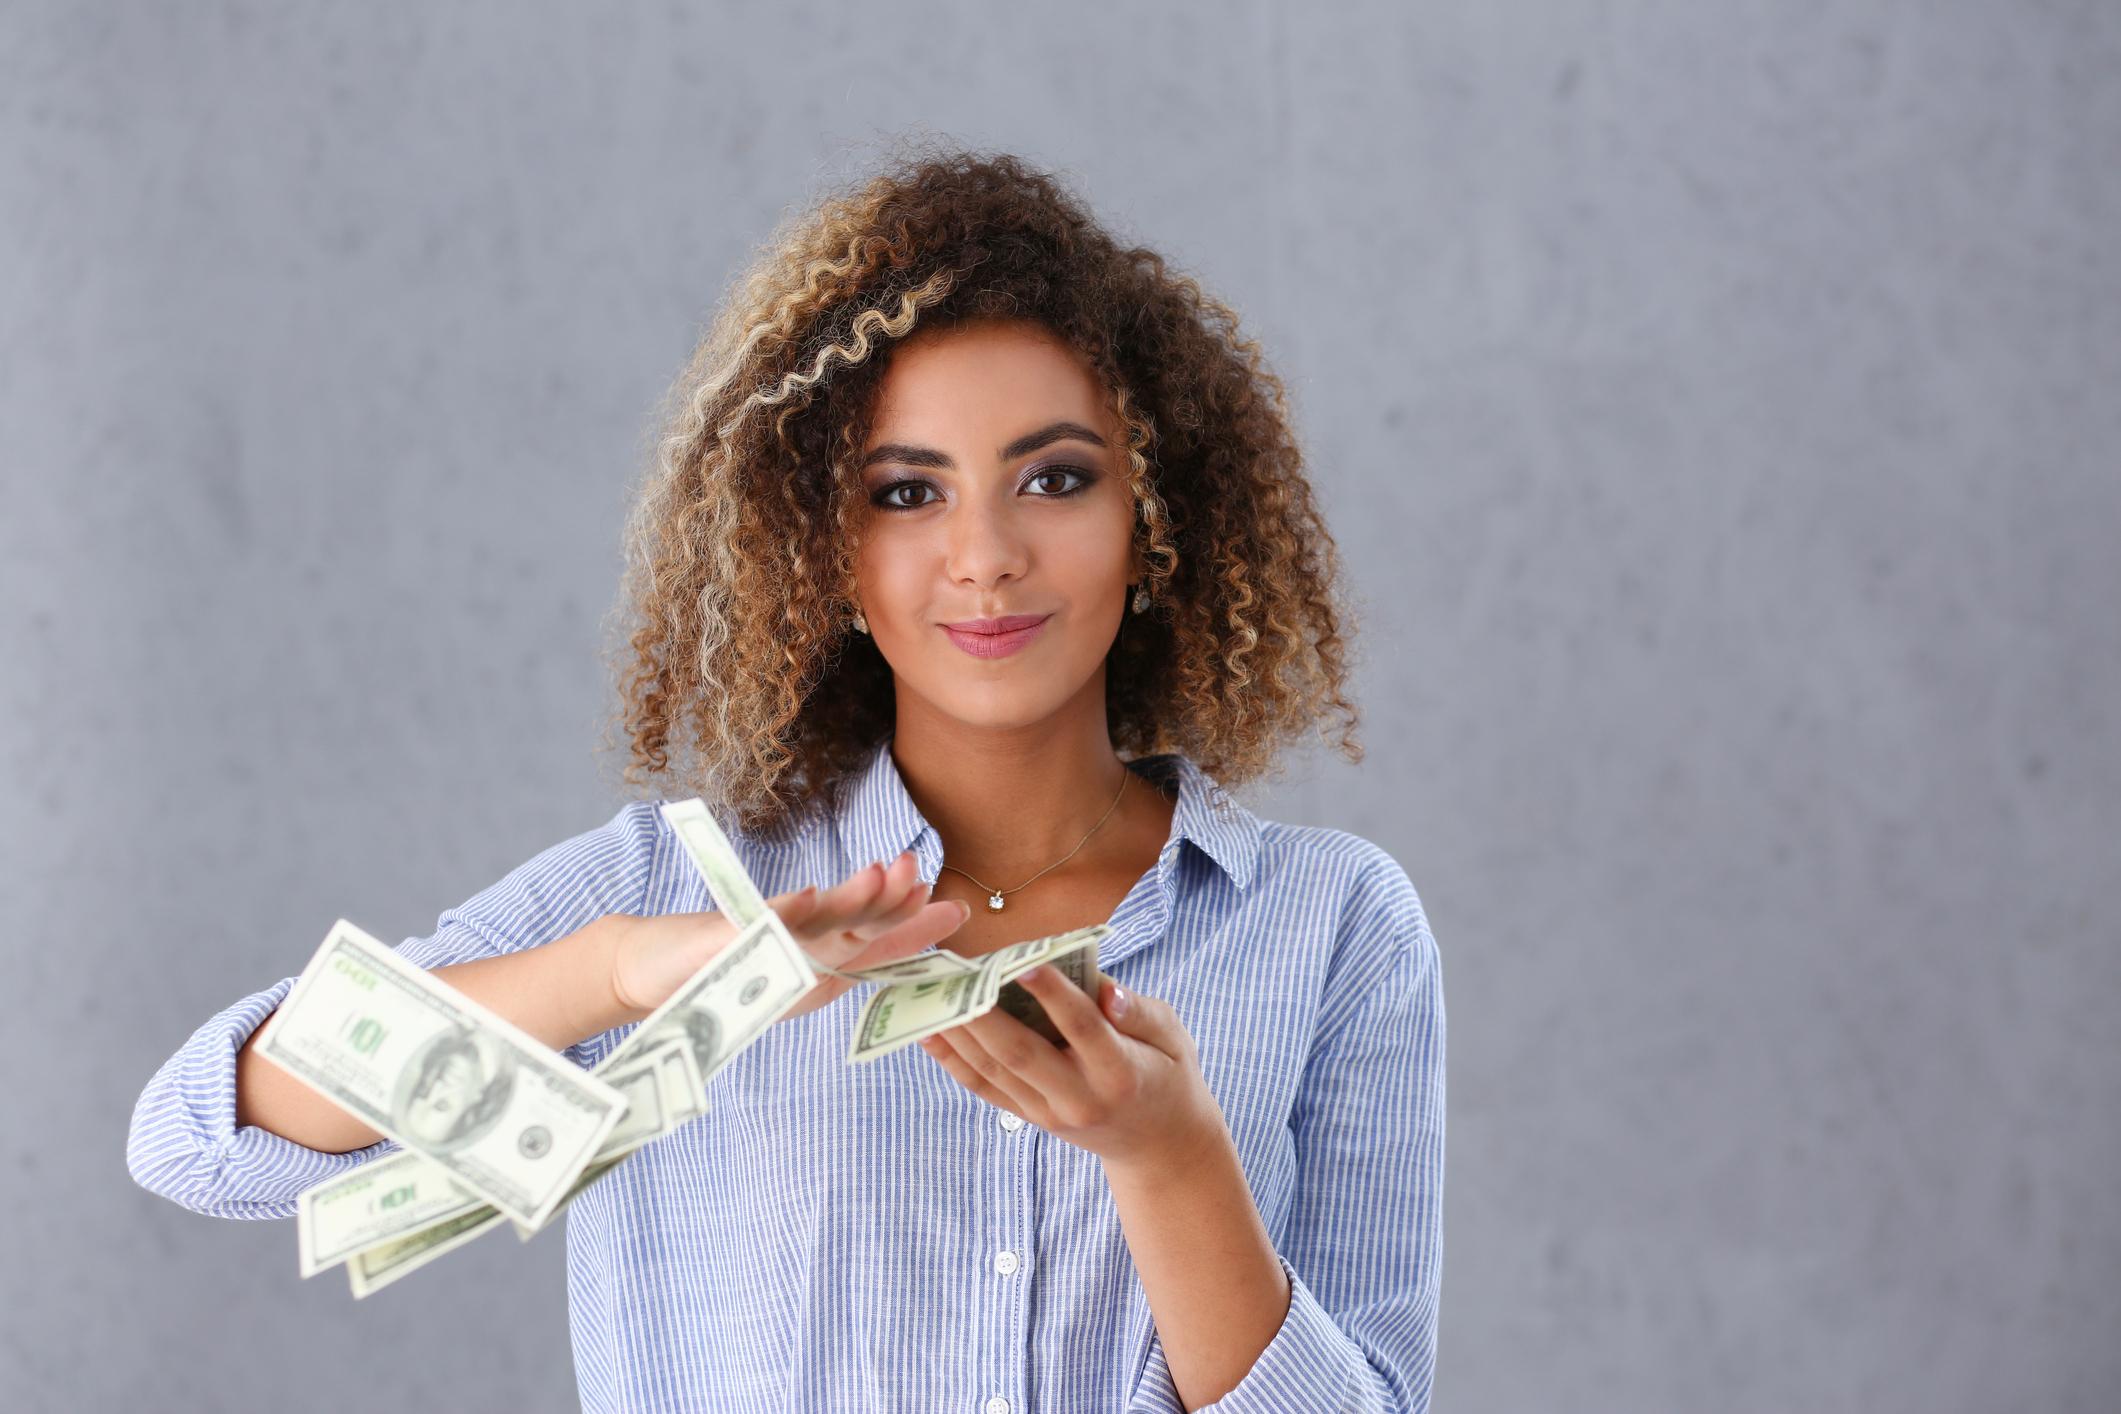 a young woman makes it rain by flinging dollar bills at camera.